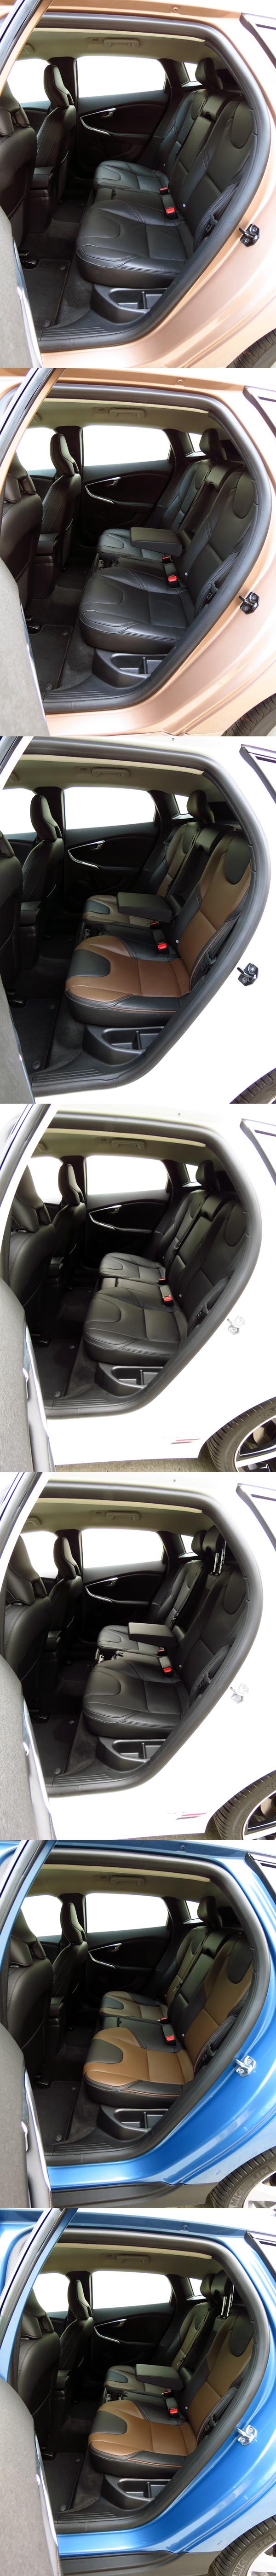 2014_Volvo_V40_Interior_05